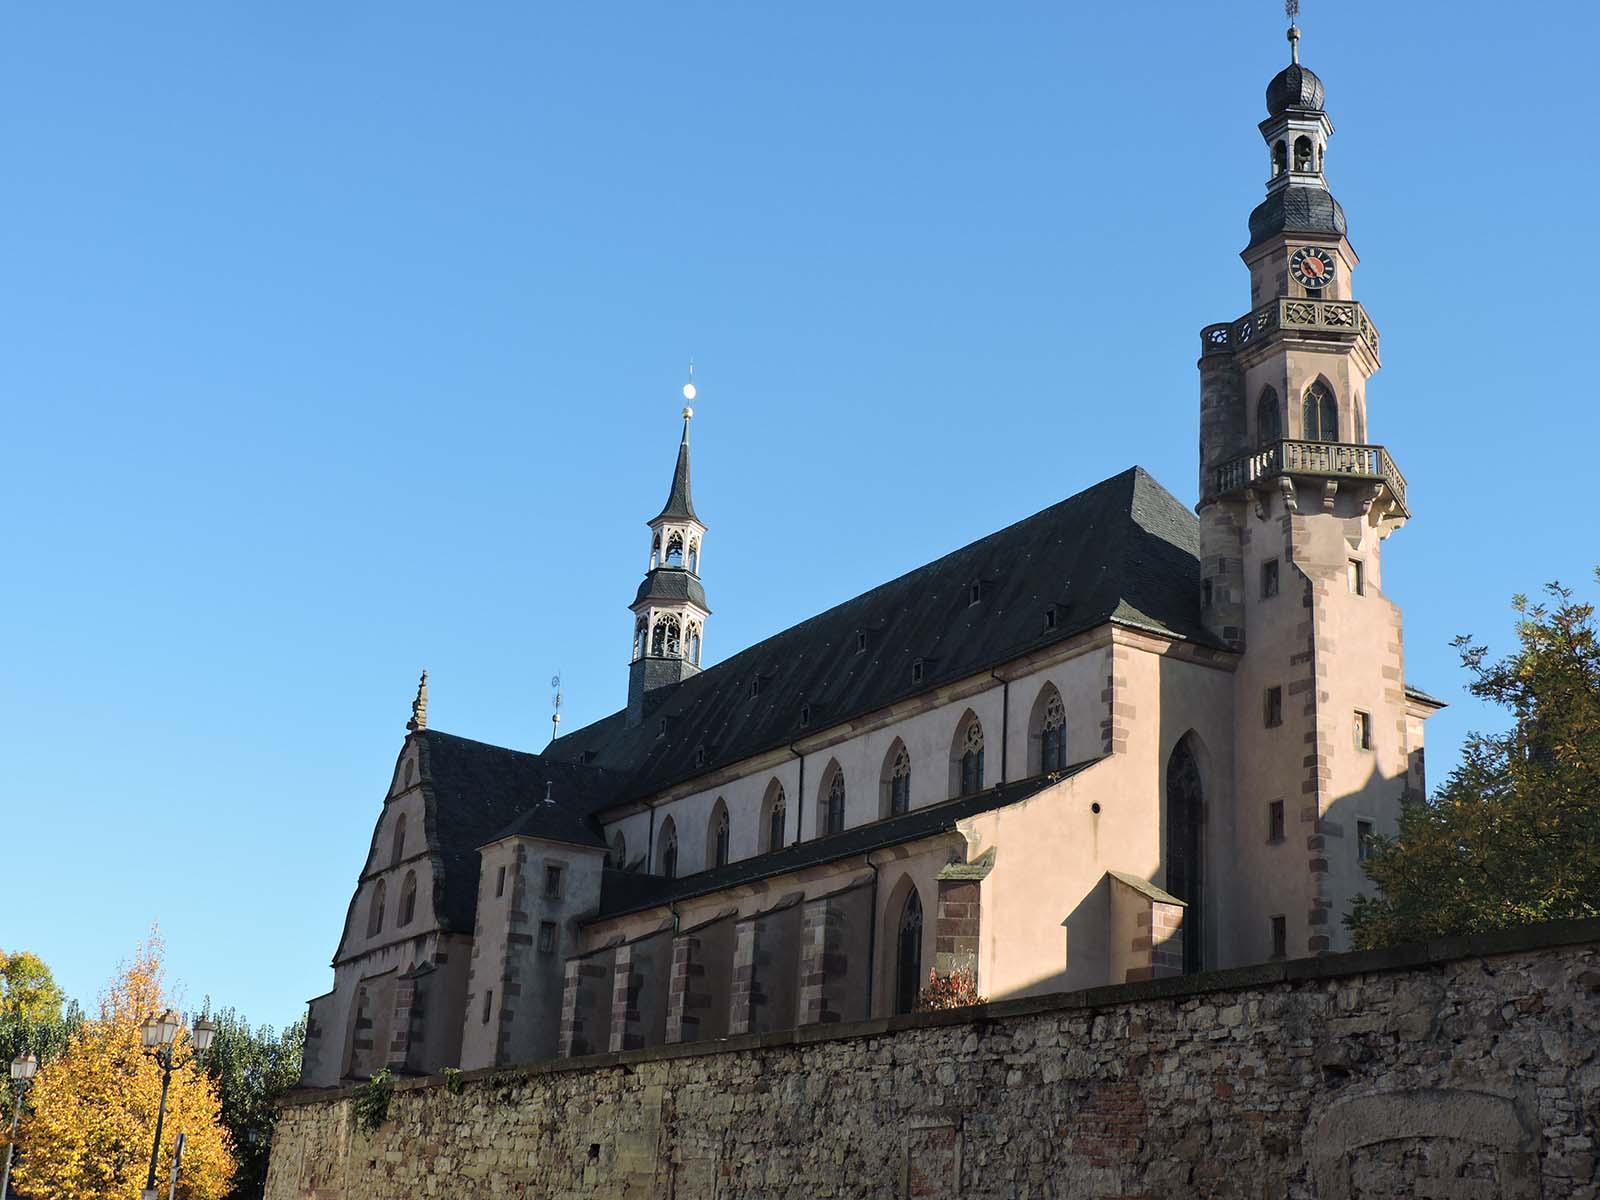 Chemins d'art sacré en Alsace - L'église des Jésuites